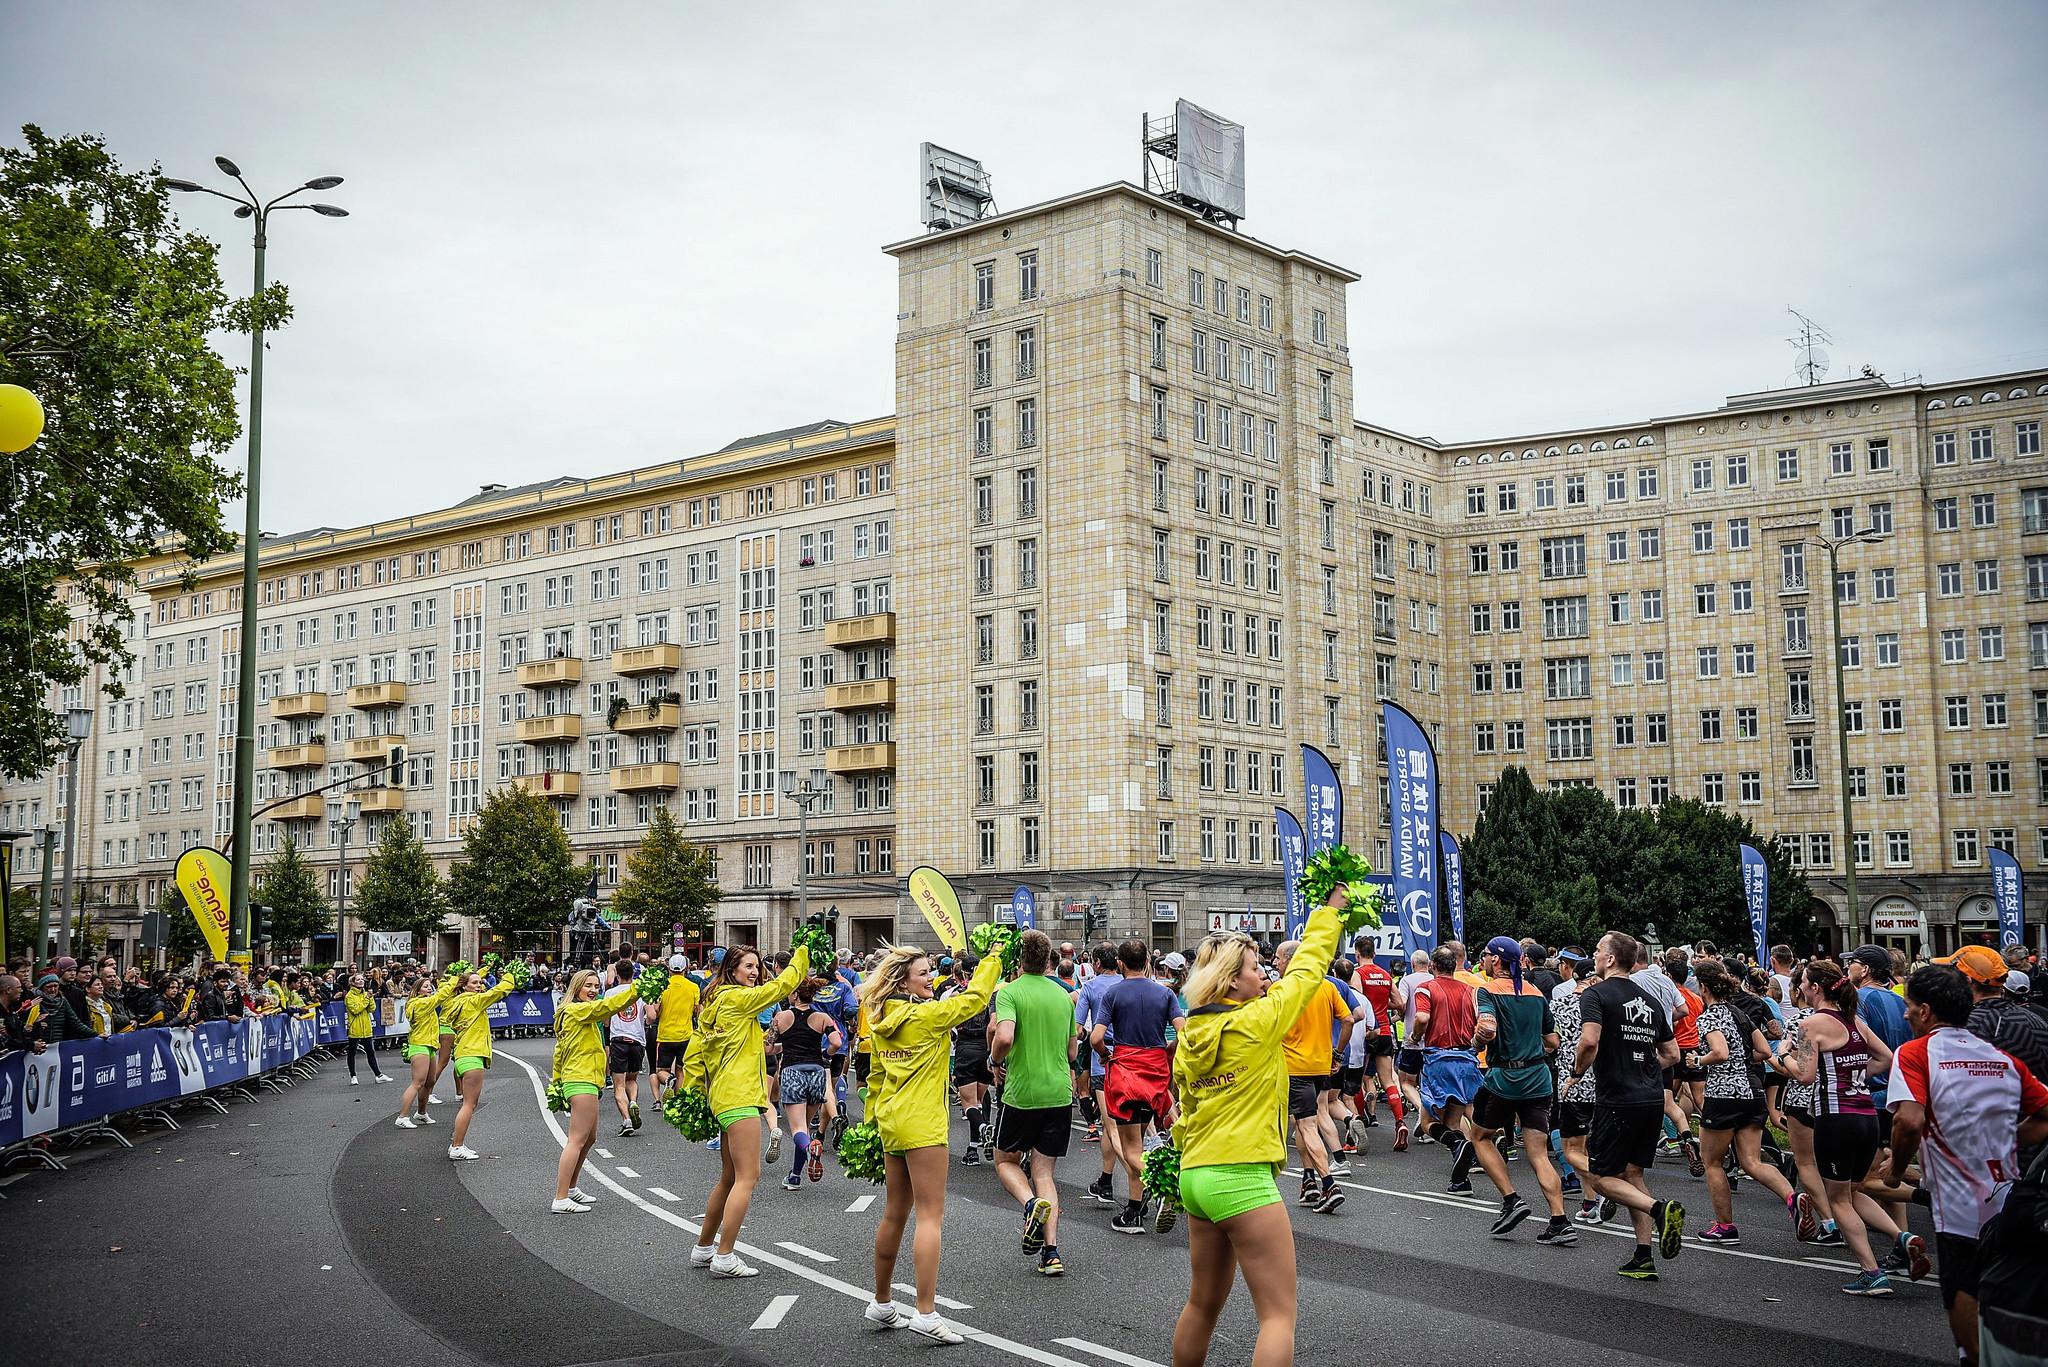 Correr el Maratón de Berlín - Berlin Marathon fotos photos - thewotme maratón de berlín - 49039073886 72d5956d32 k - Correr el Maratón de Berlín: Análisis, recorrido, entrenamiento e inscripciones